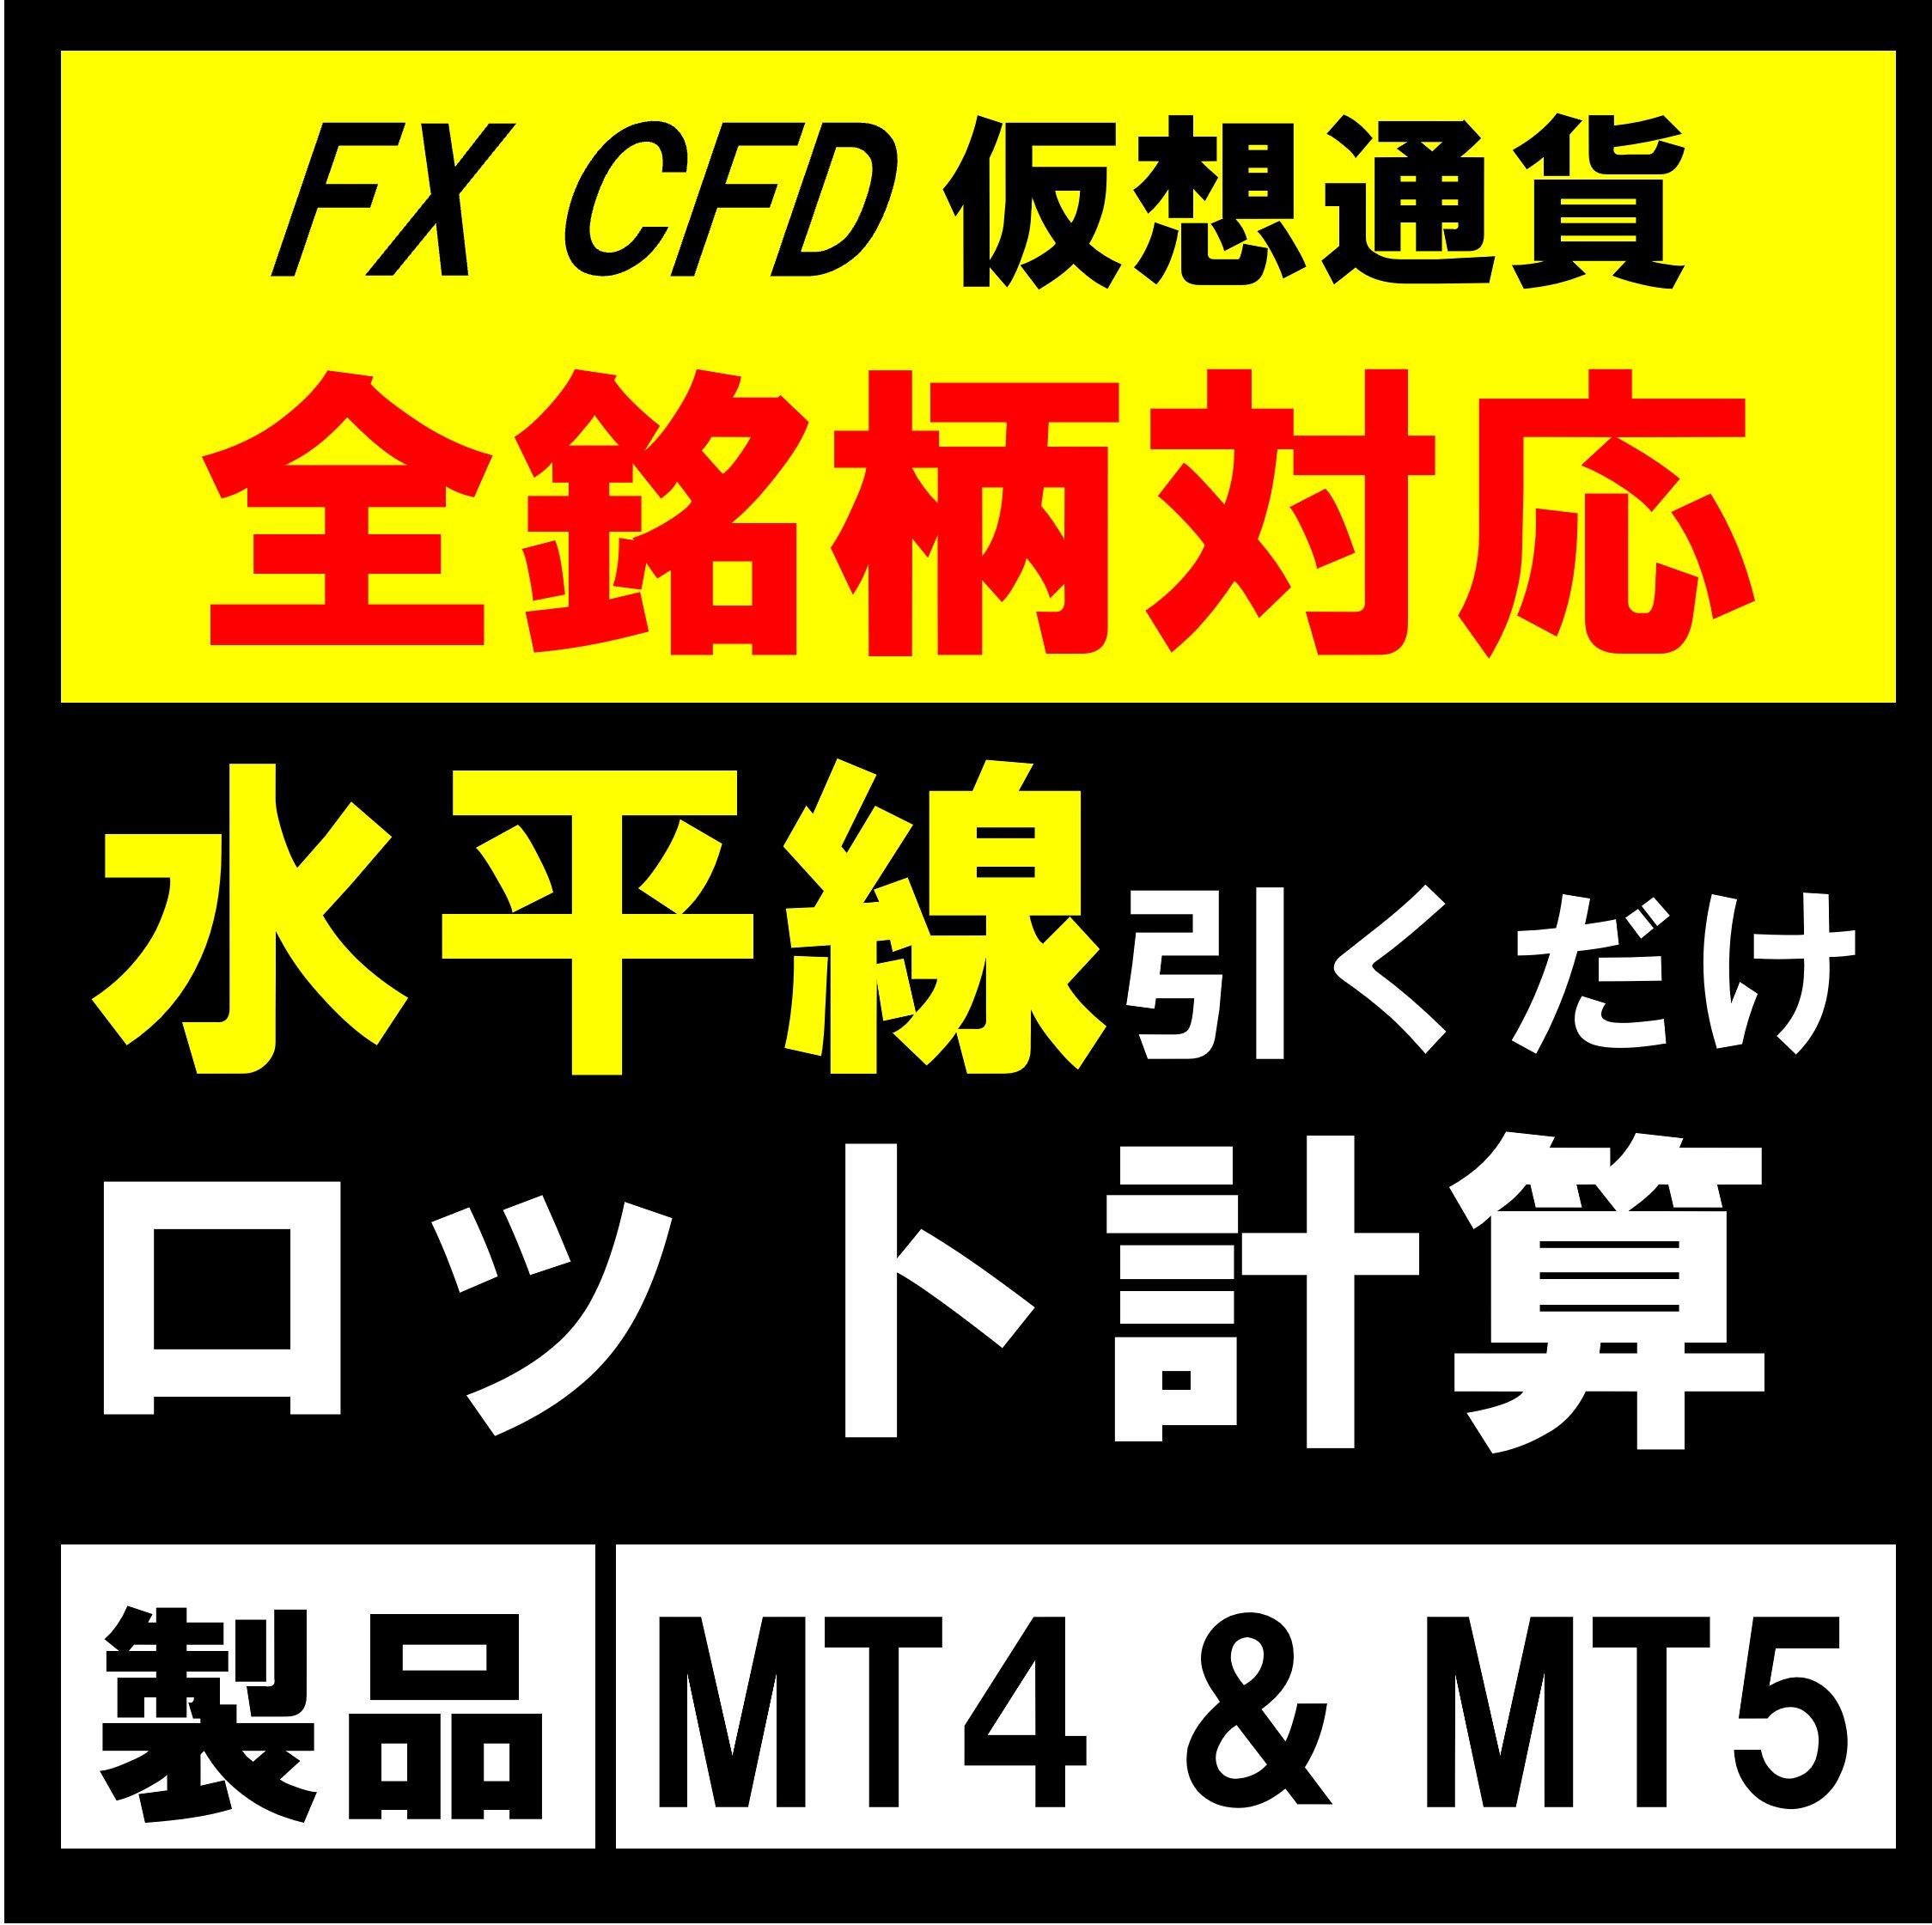 【簡単オーダー付き】許容損失一定型 ロット自動計算インジケーター for MT4&5【EasyOrder】